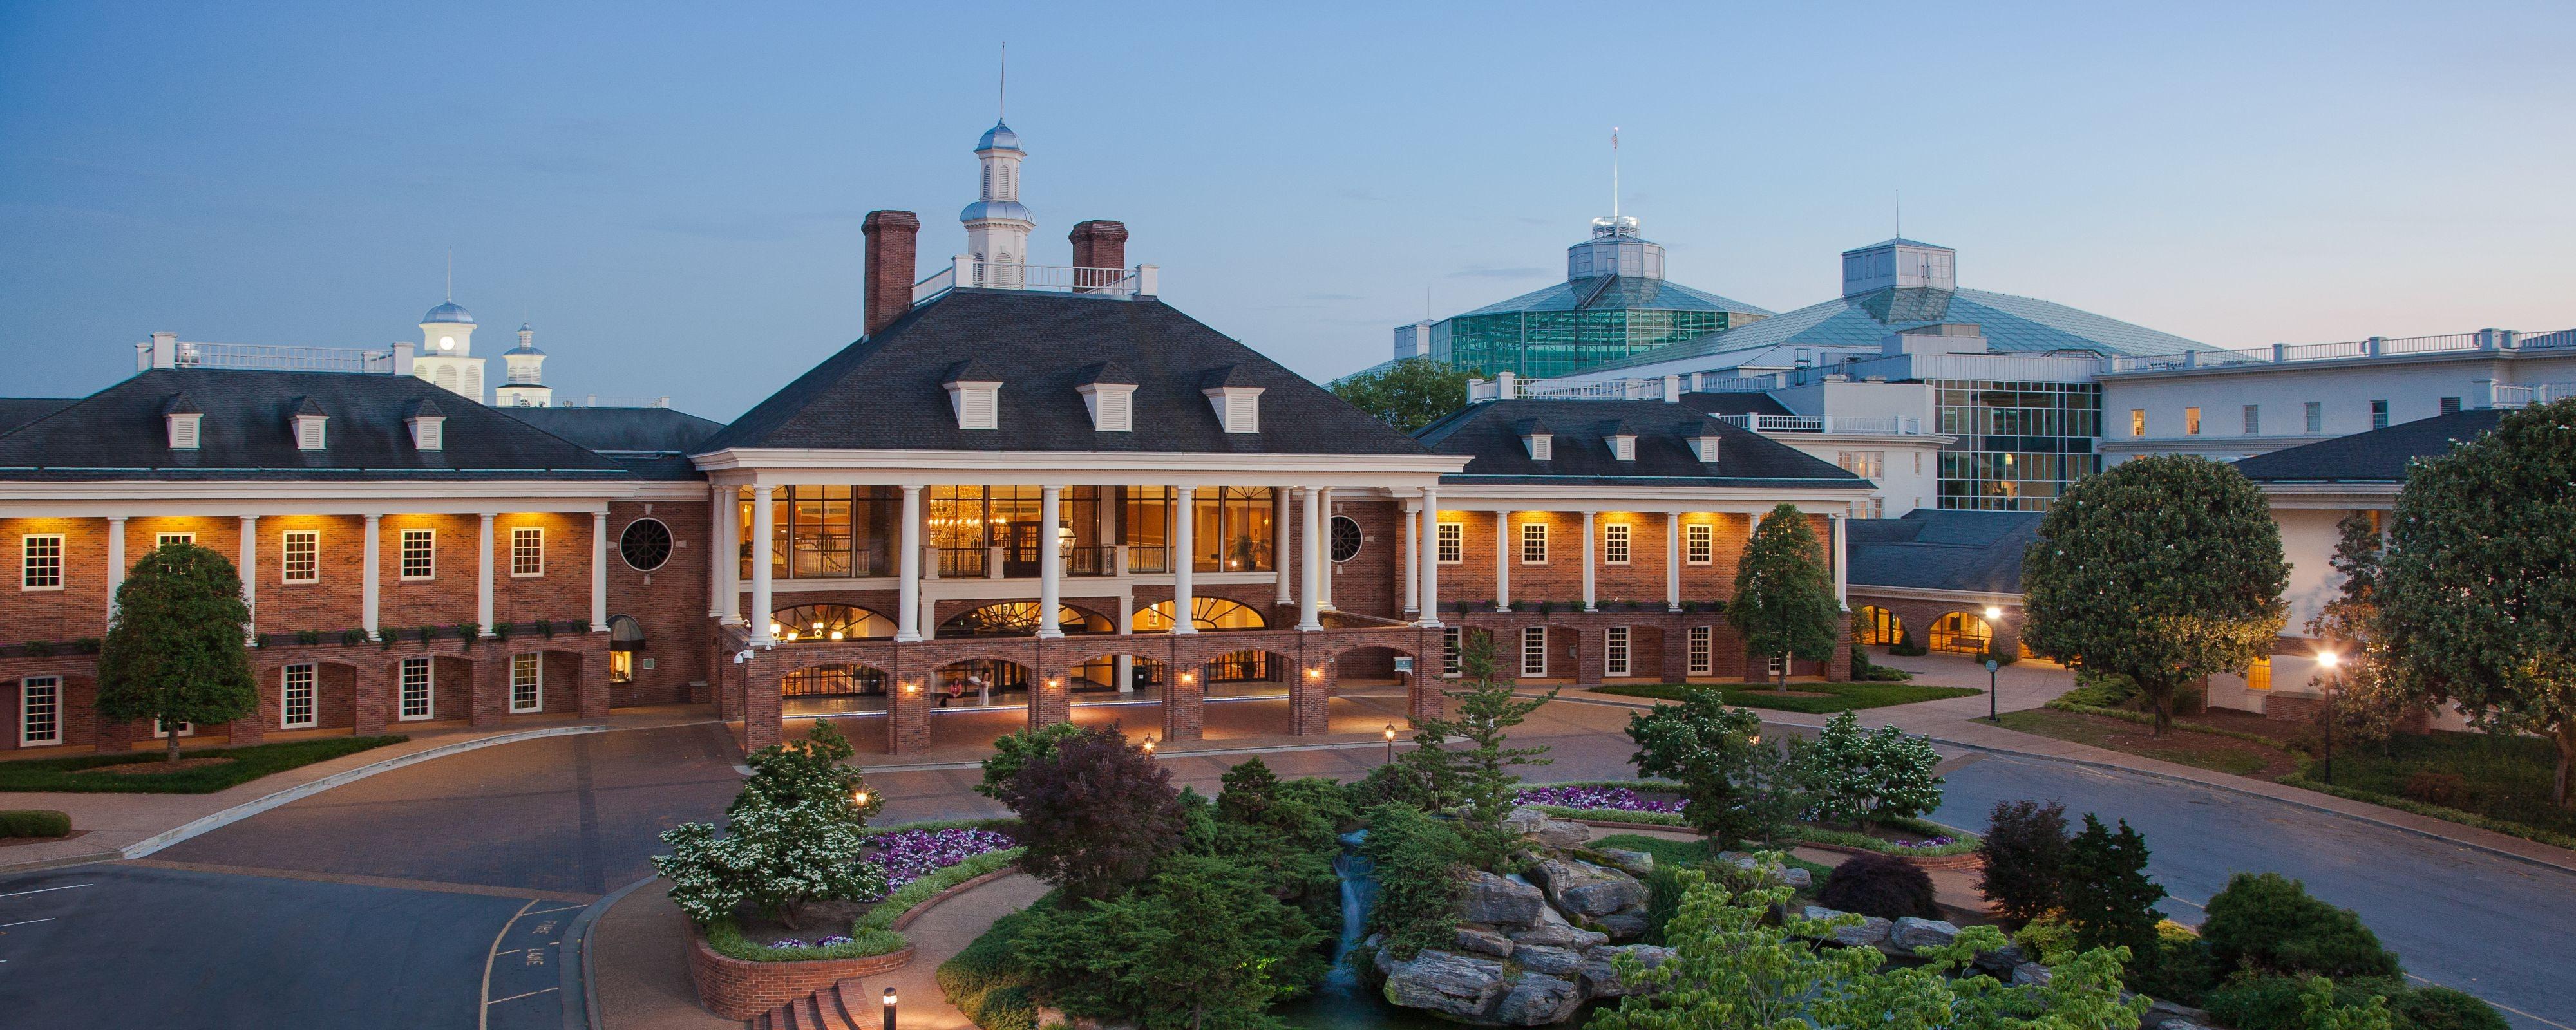 Opryland Hotel in Nashville Tennessee